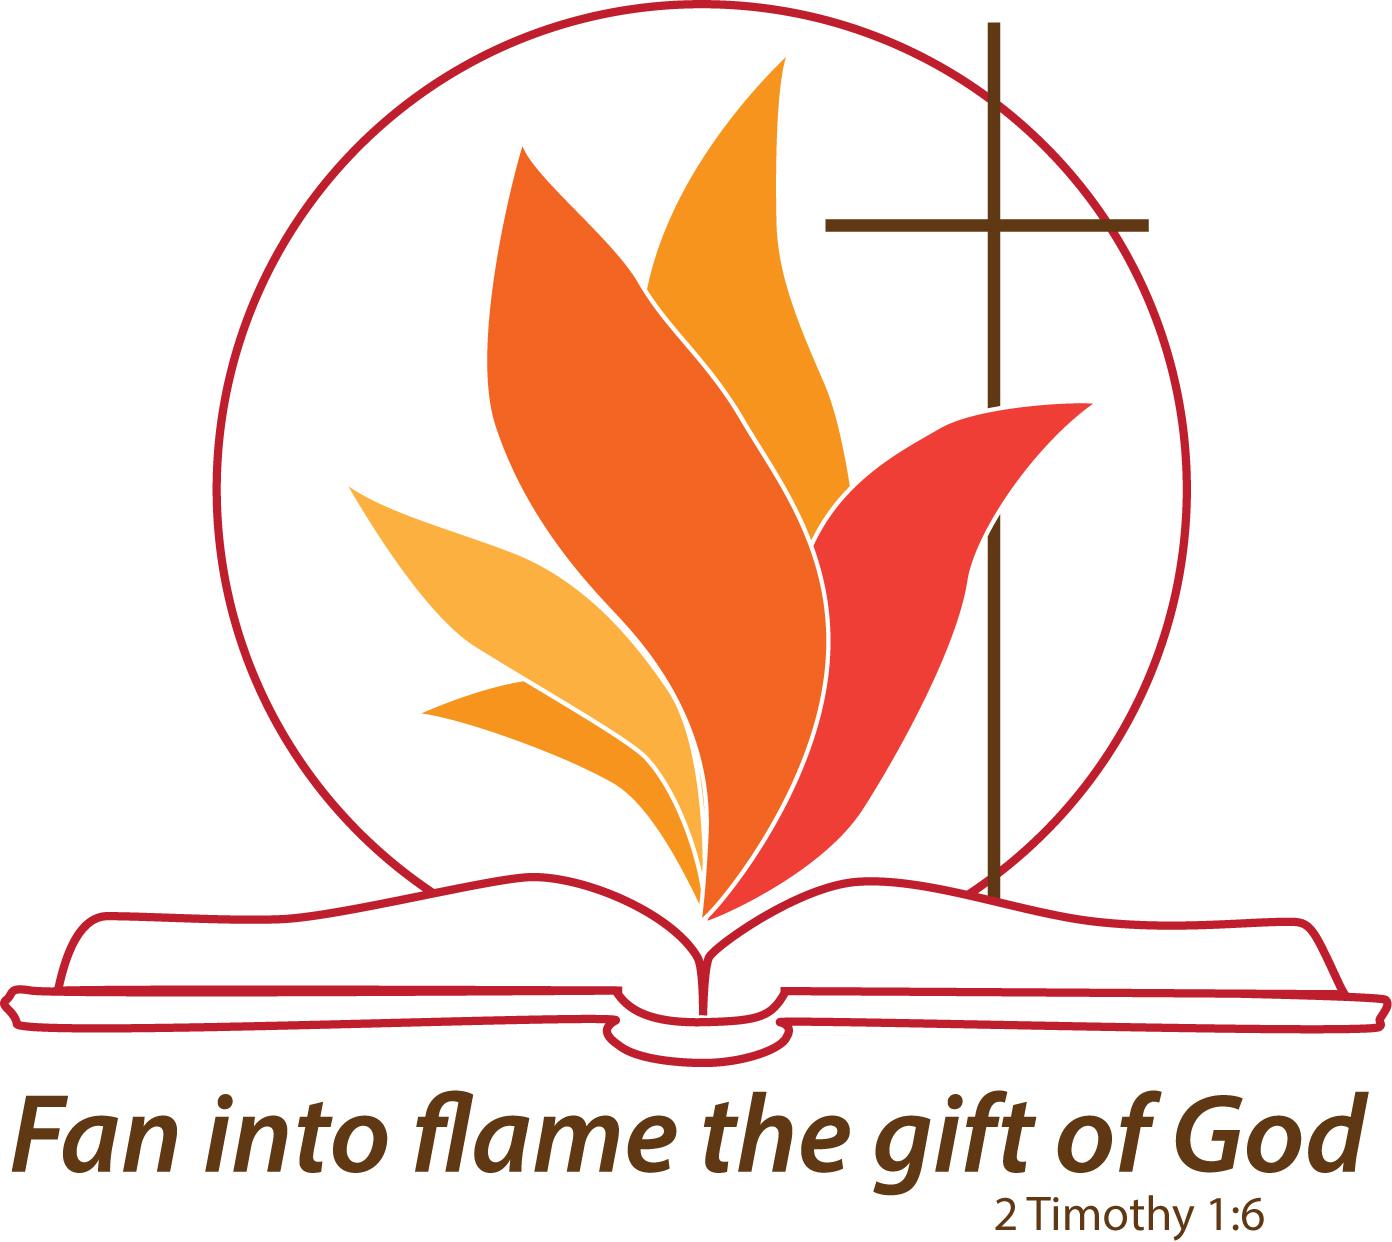 Gift of god clipart.